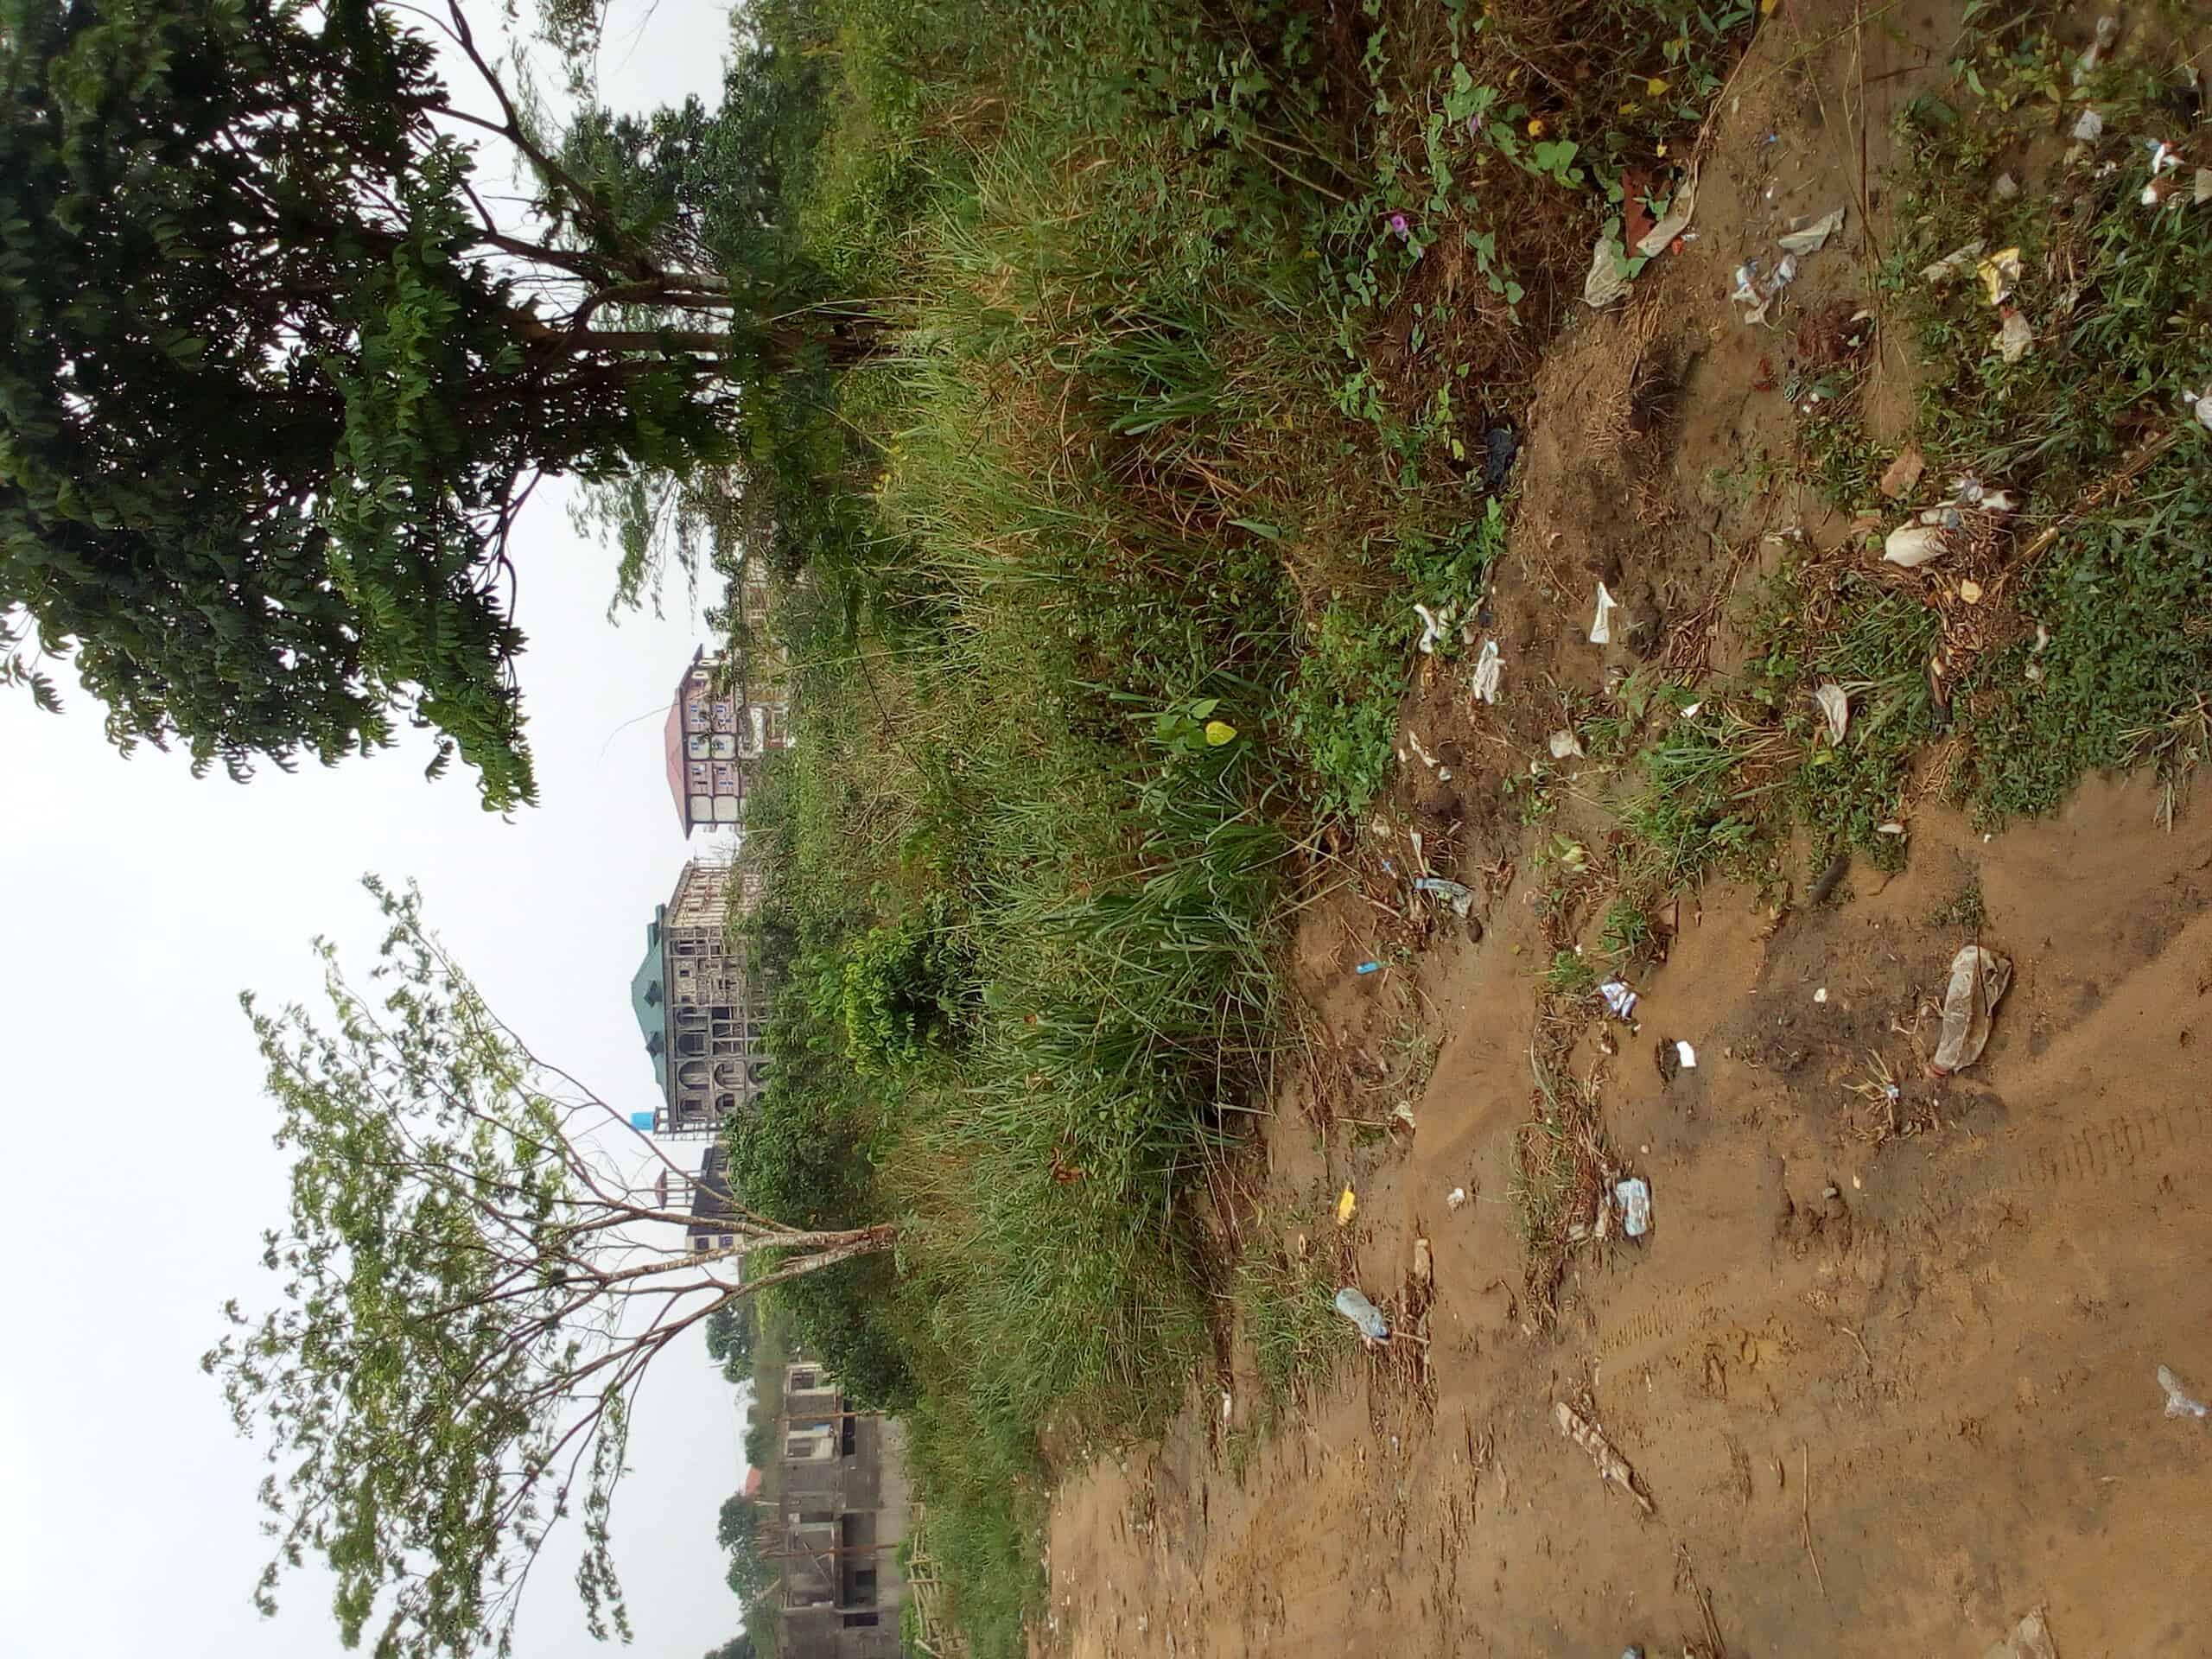 Terrain à vendre - Douala, Logbessou I, Ver la station nickel oil - 1000 m2 - 80 000 000 FCFA